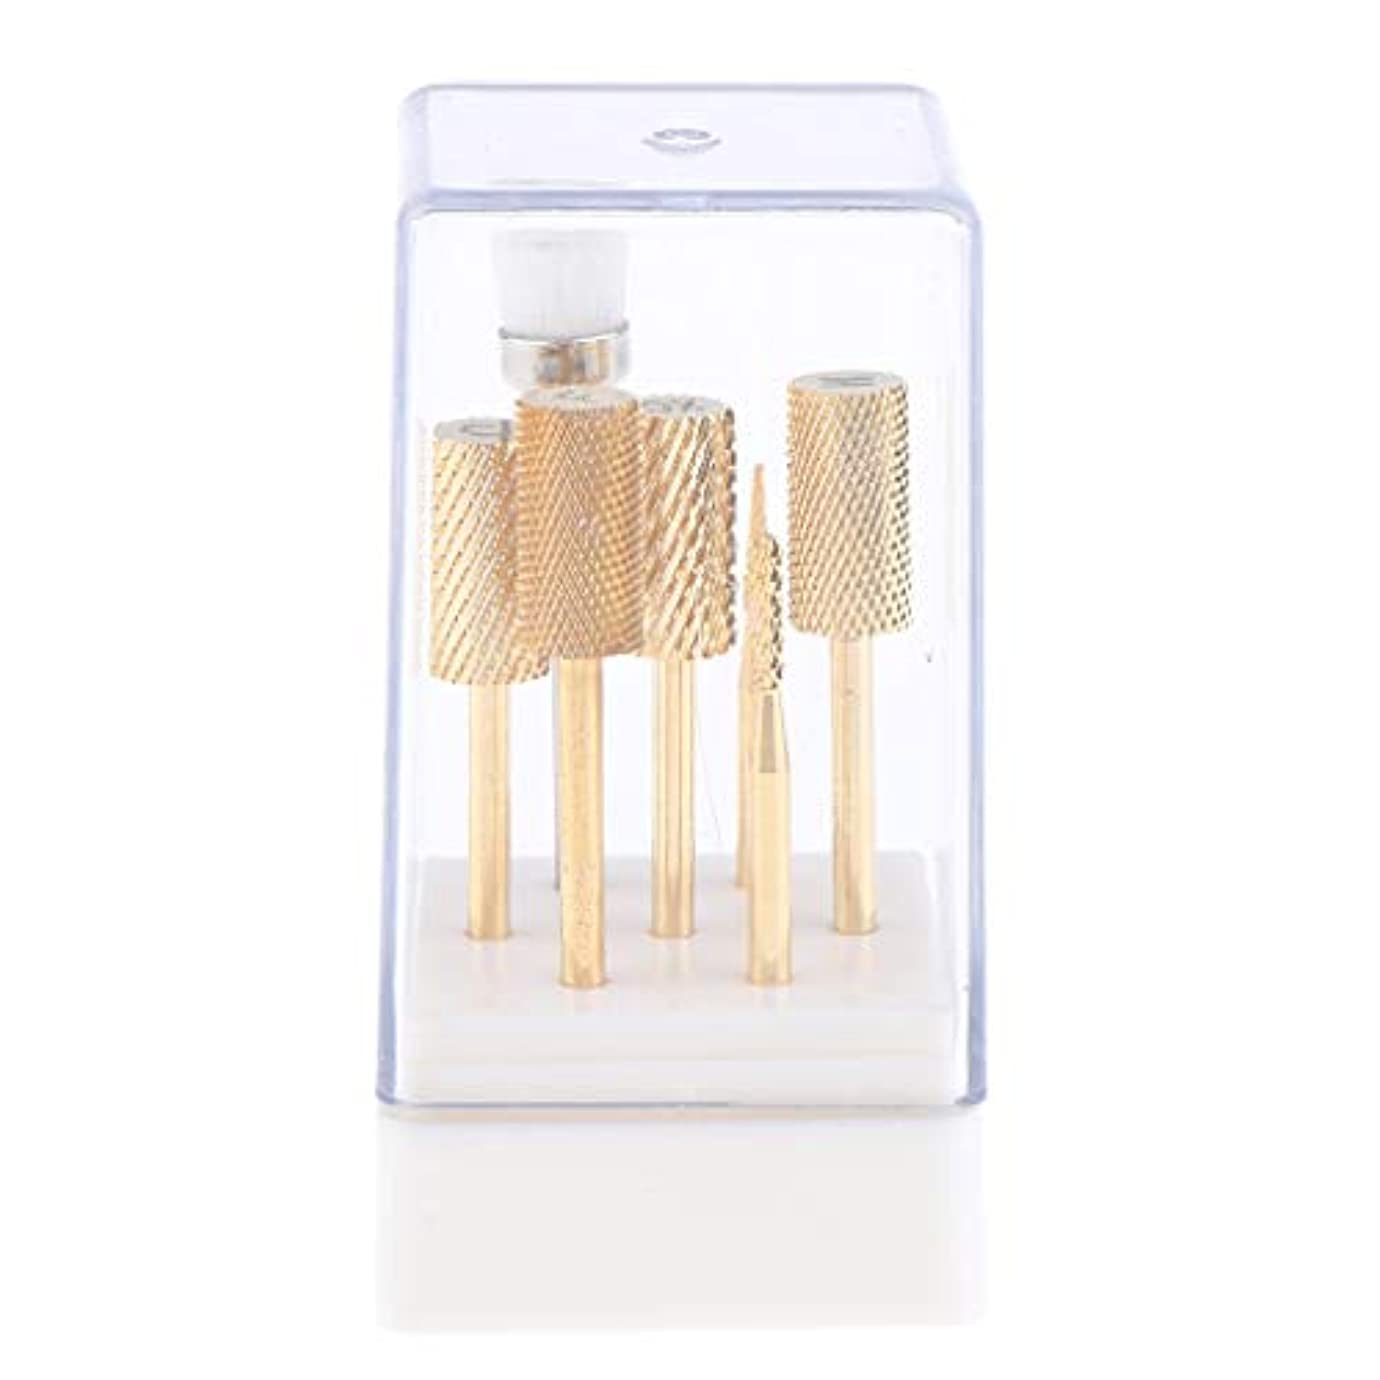 価格眼交渉する7点 ネイルドリルビット 電動ネイルマシン適用 ゴールド ケース付き